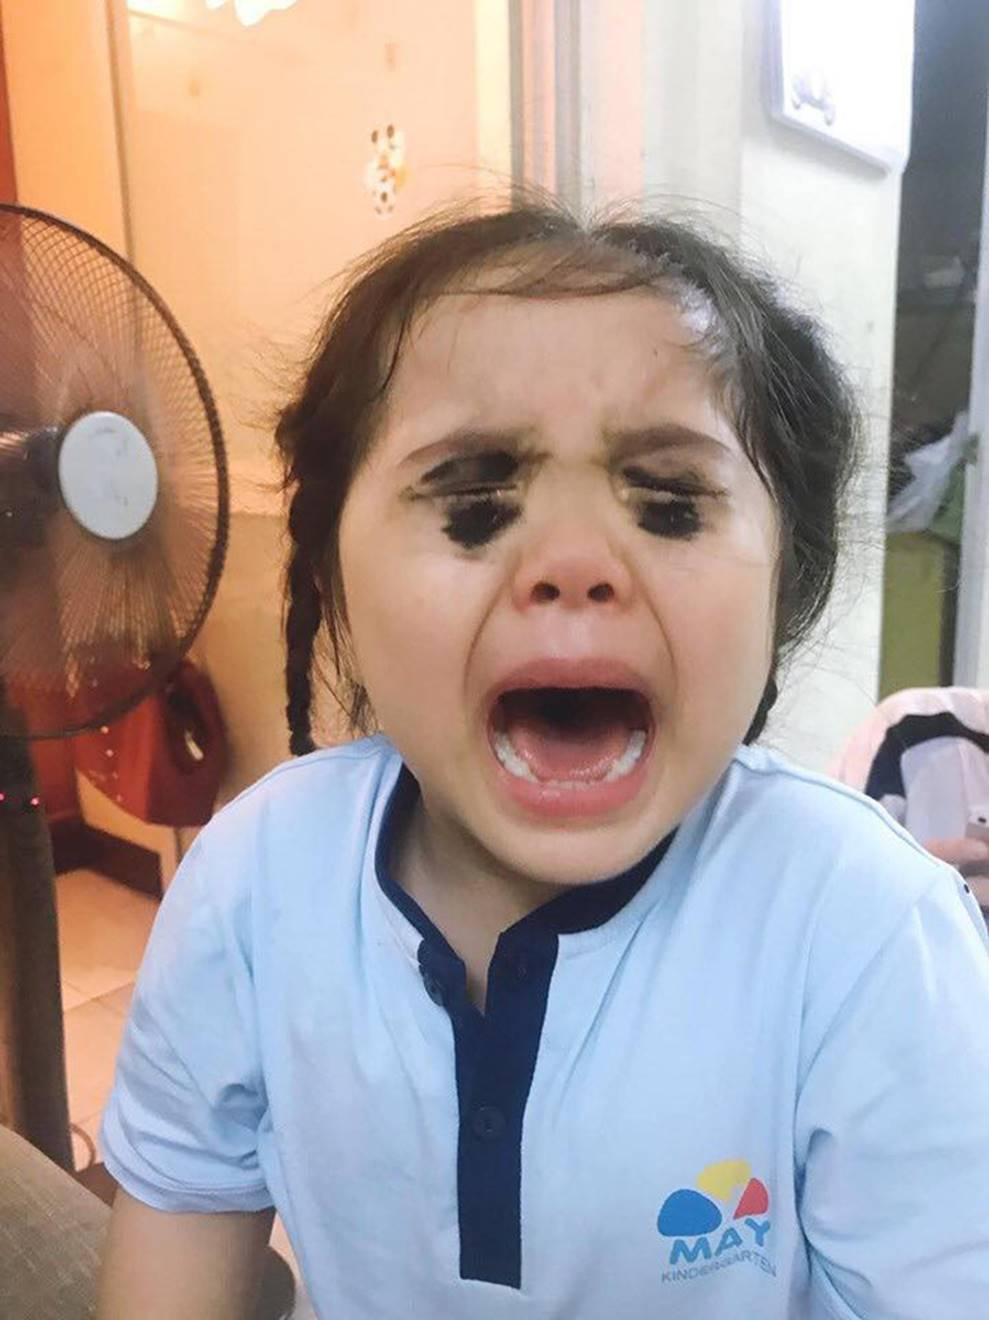 Bé gái xem điện thoại nhiều bị mẹ tô mắt đen sì để dọa, khóc nức nở khiến dân mạng vừa thương vừa cười vỡ bụng-2